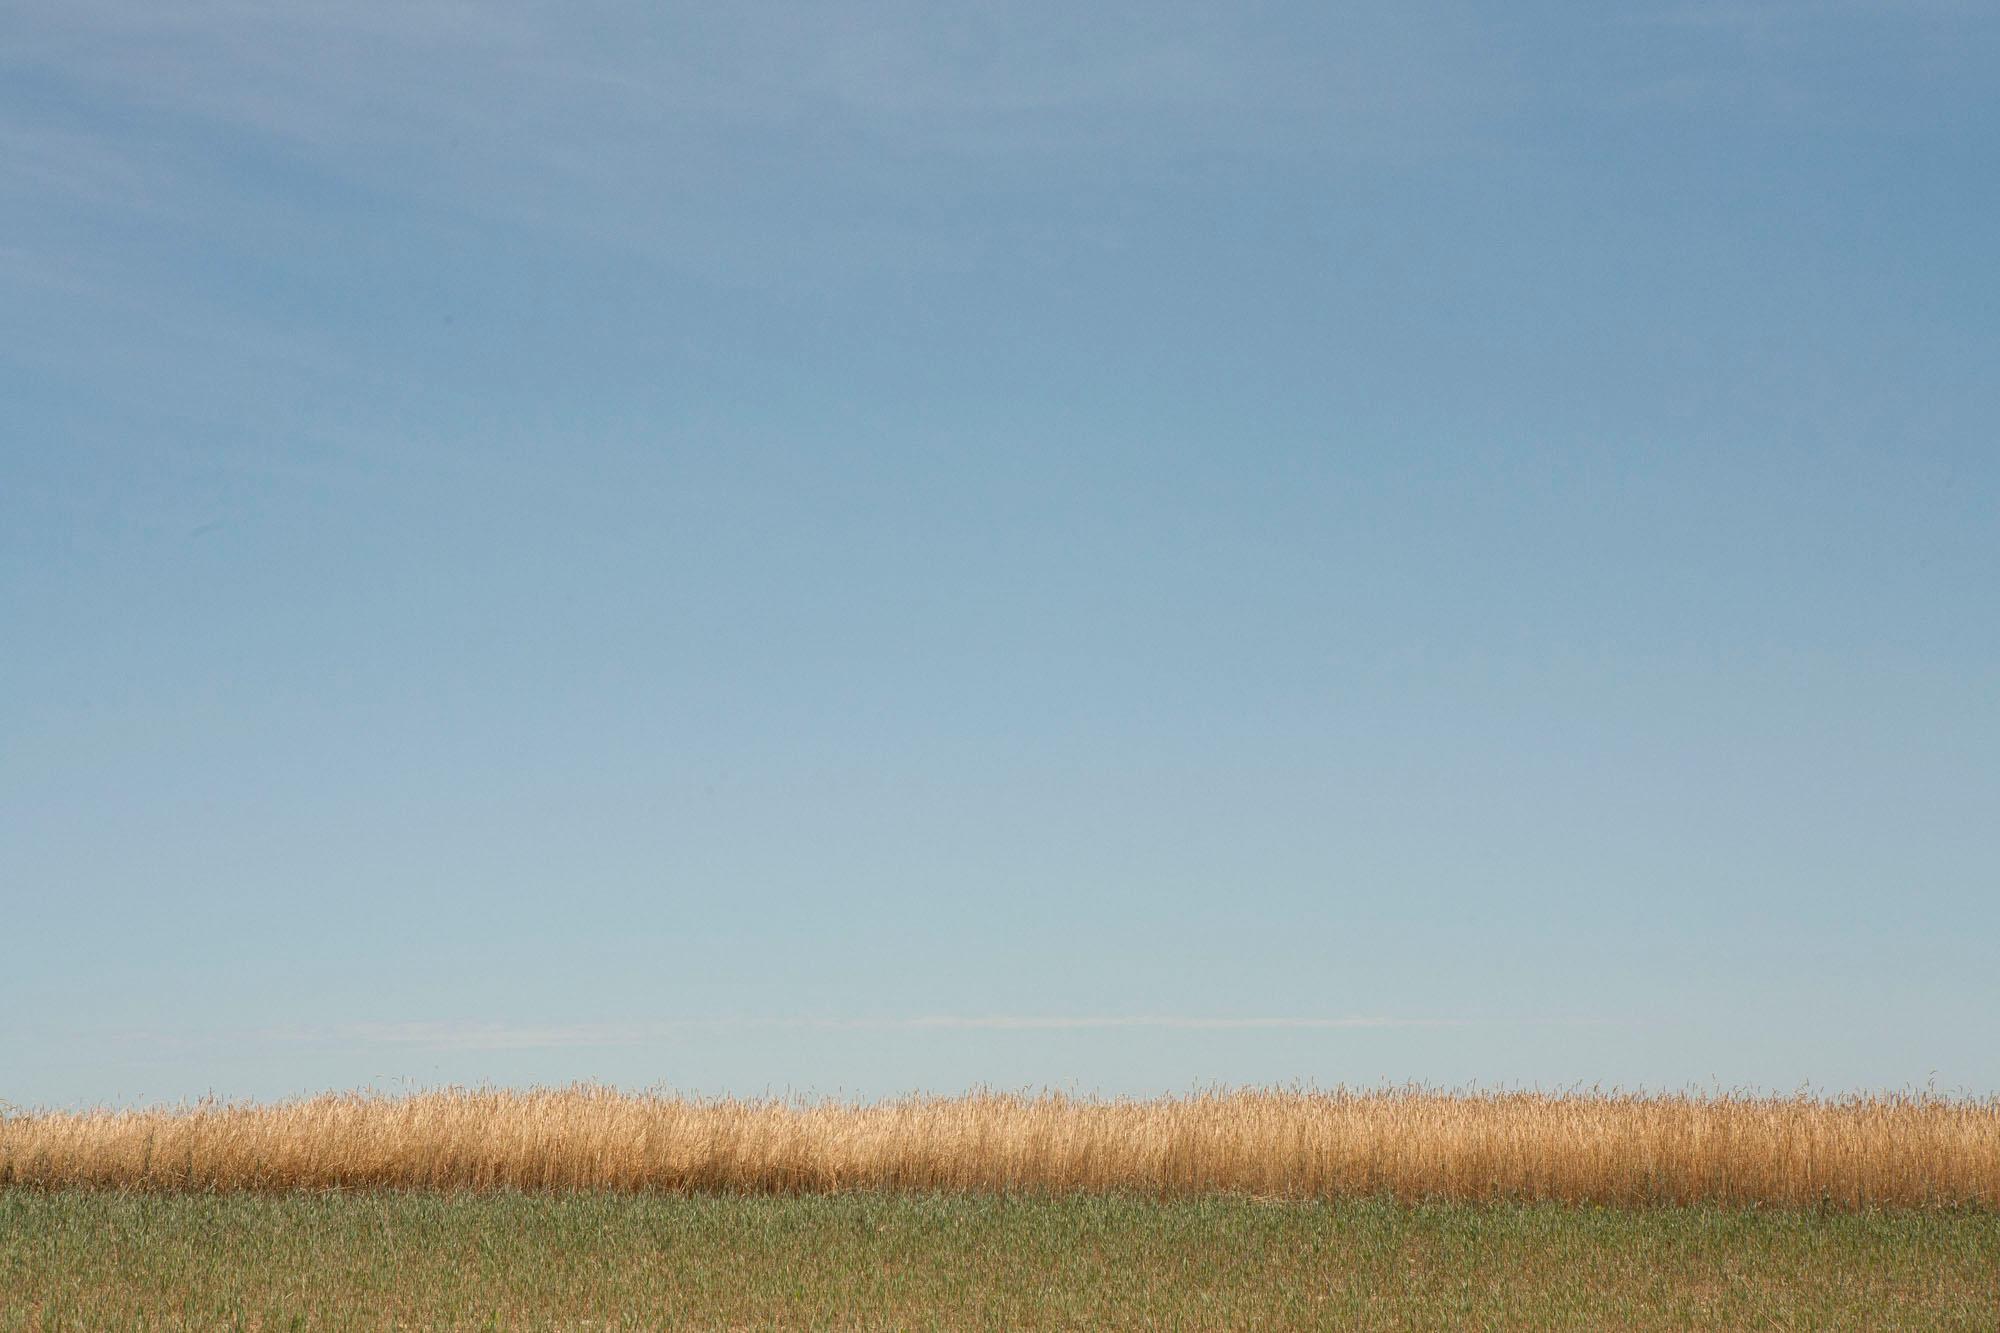 lucille-khornak-scenery29.jpg